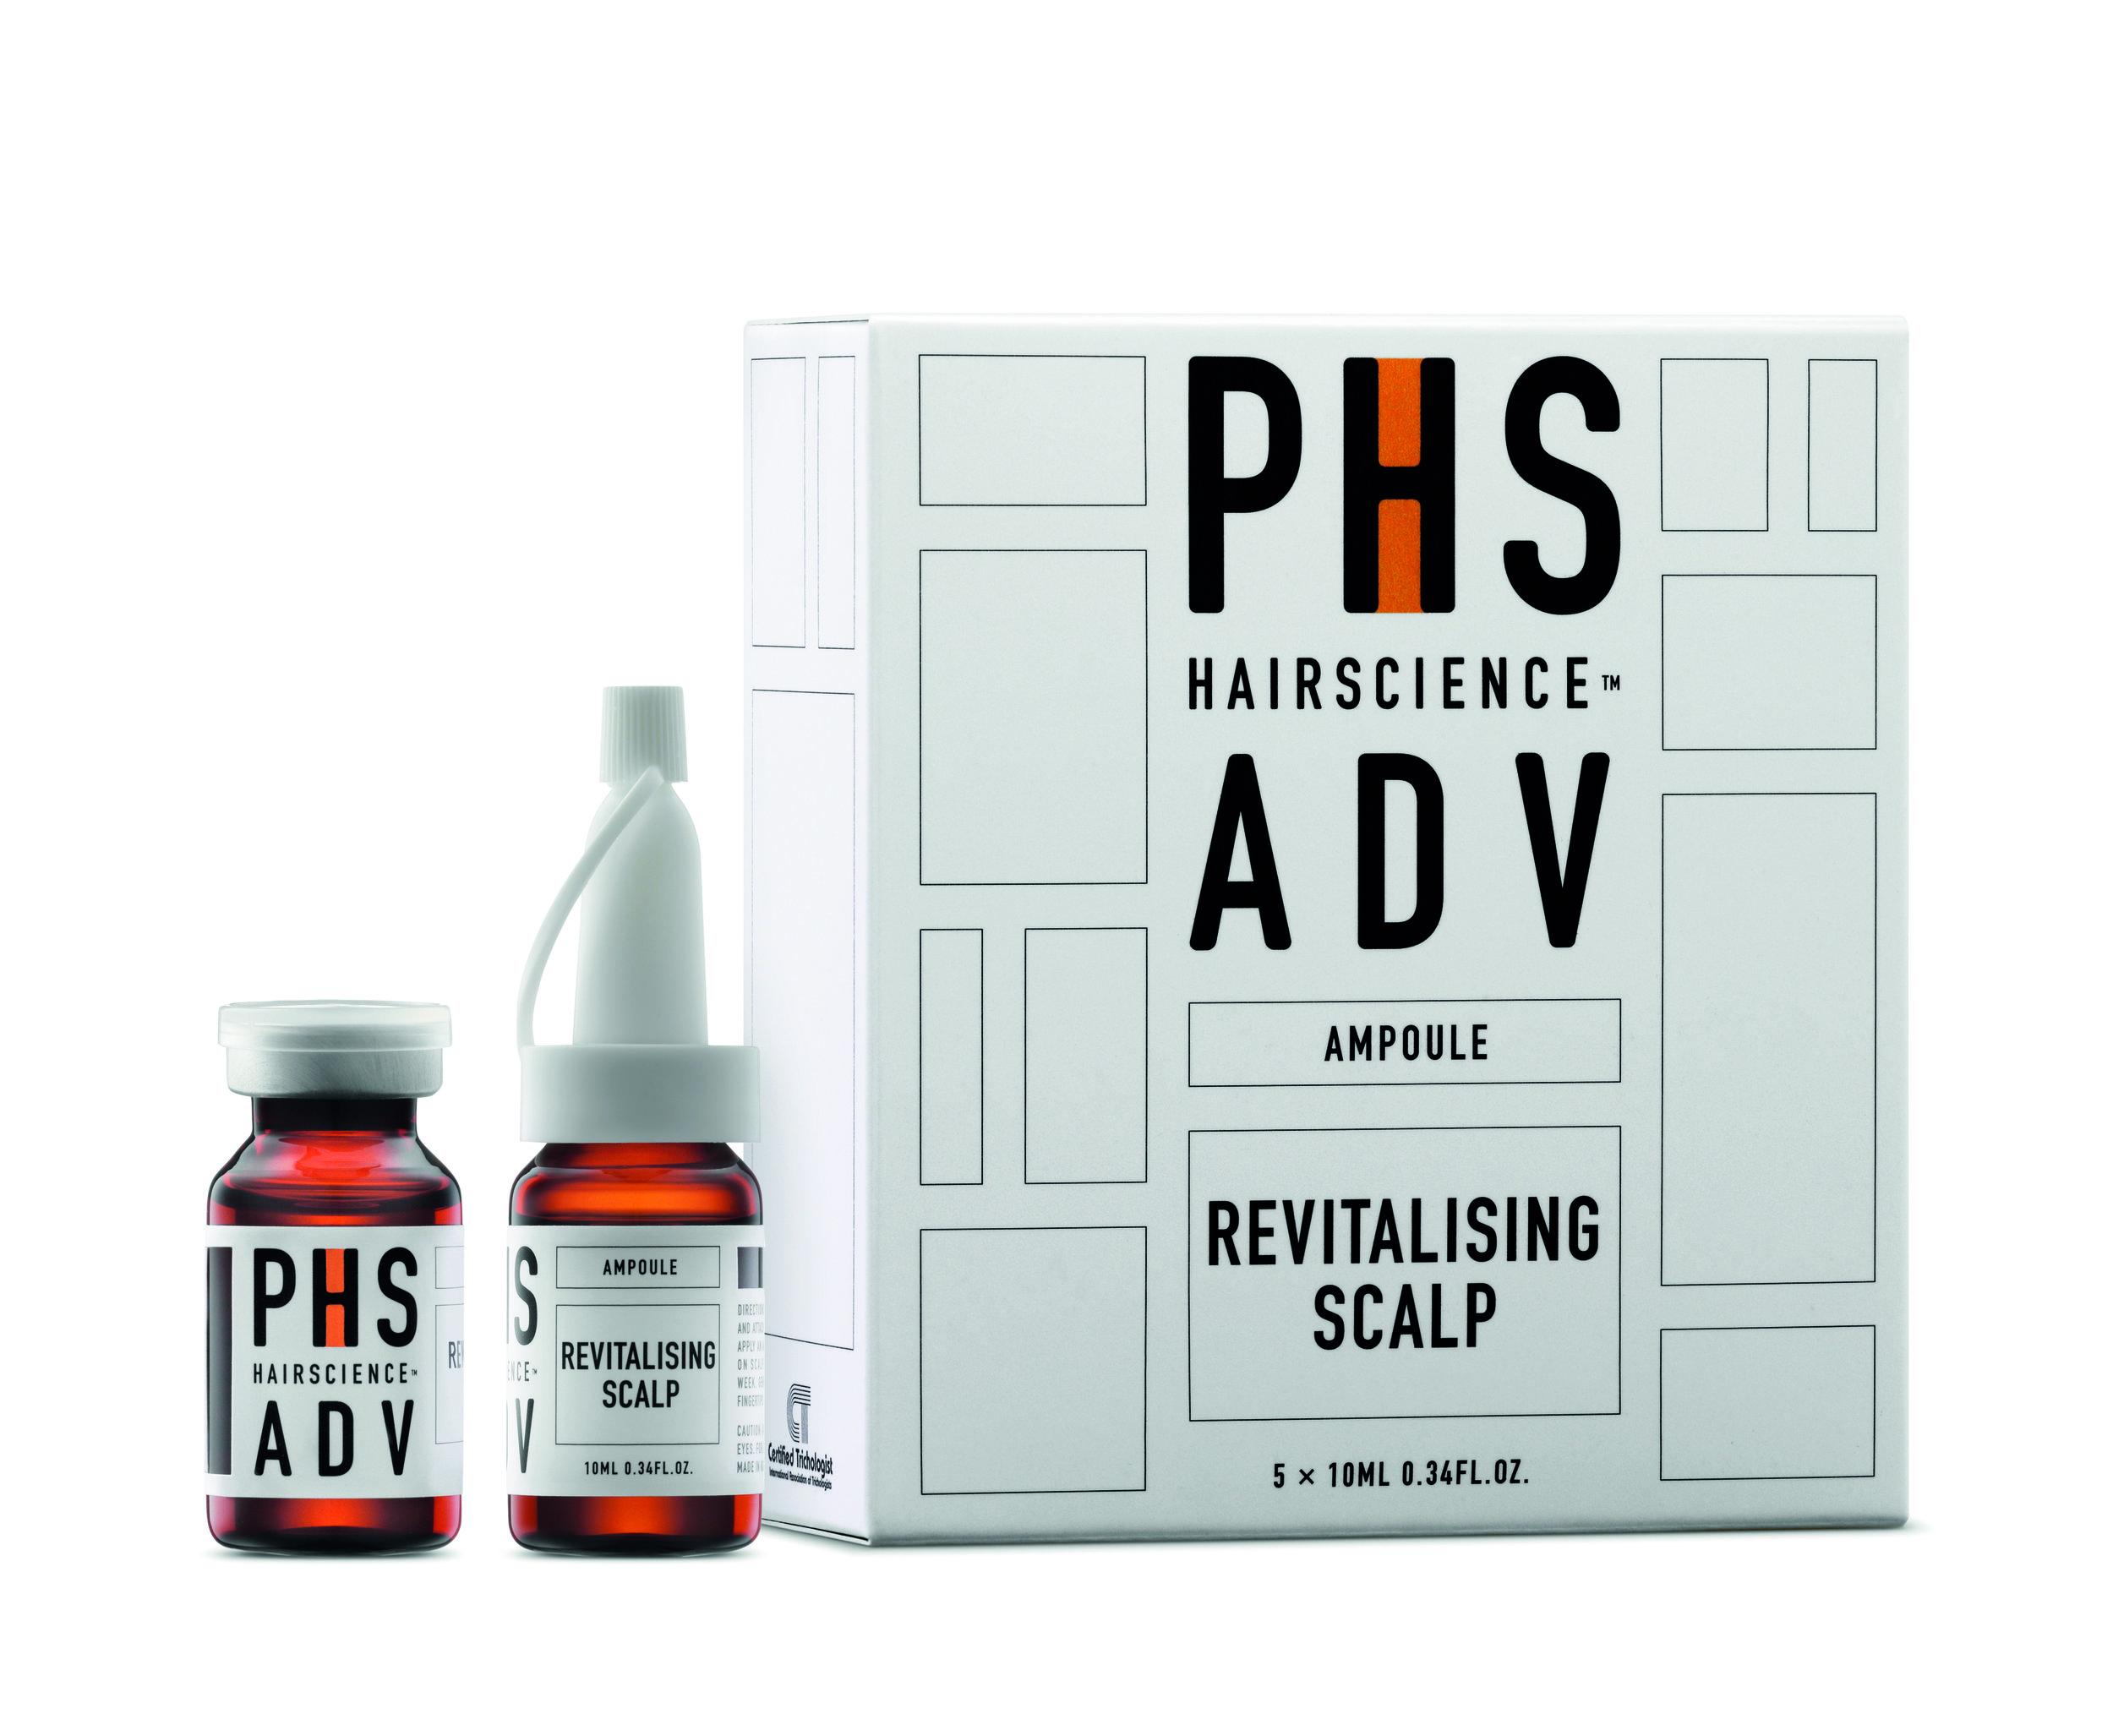 PHS 04 Packaging ADV Ampoule.jpg